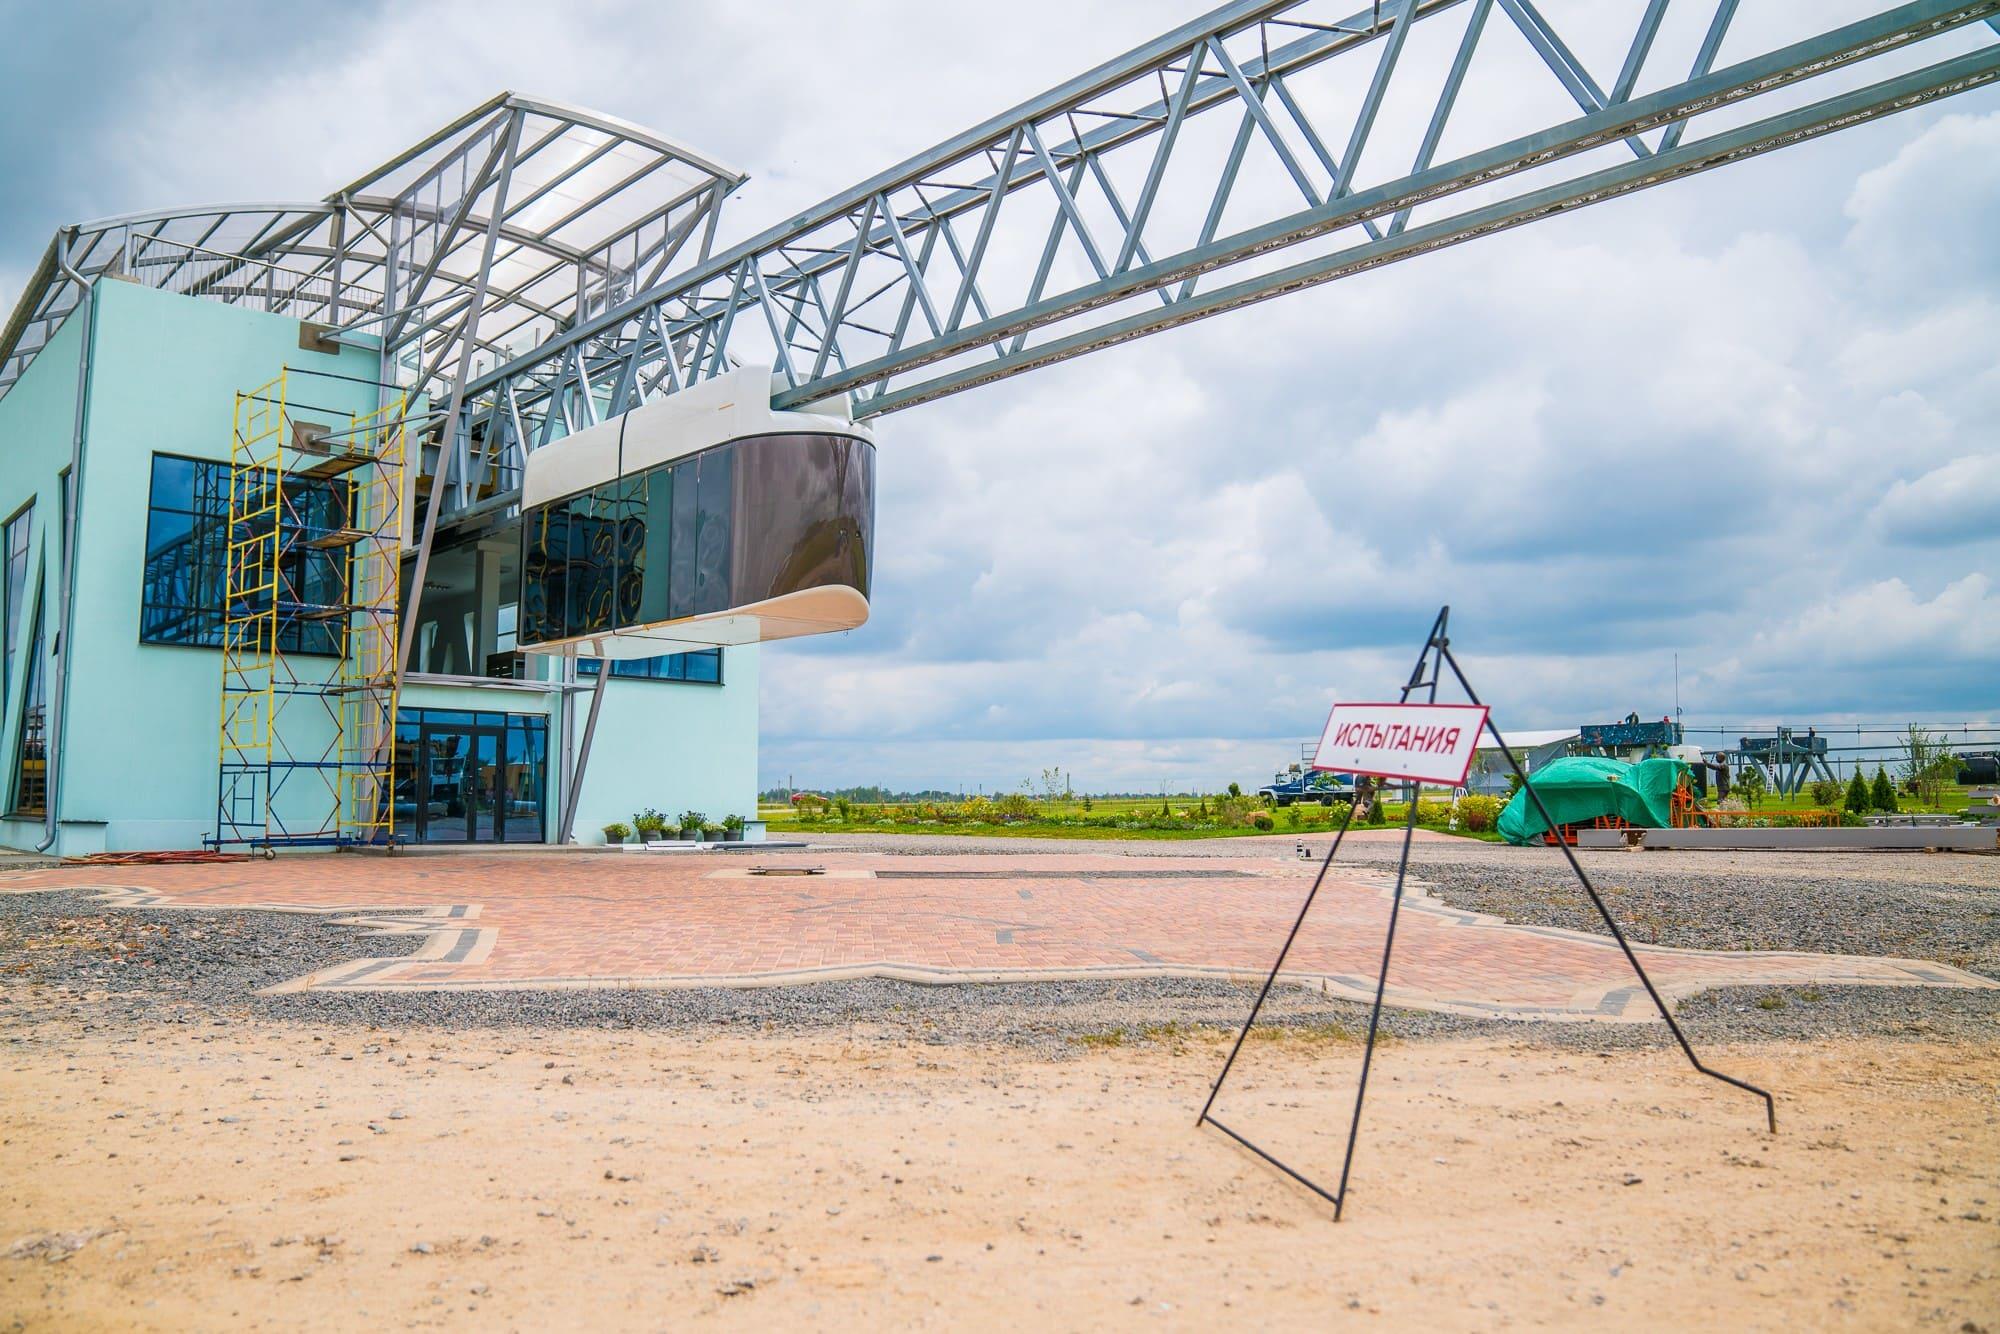 Начало ходовых испытаний бирельсового юнибуса на участке городскоговысокоскоростного комплекса SkyWay